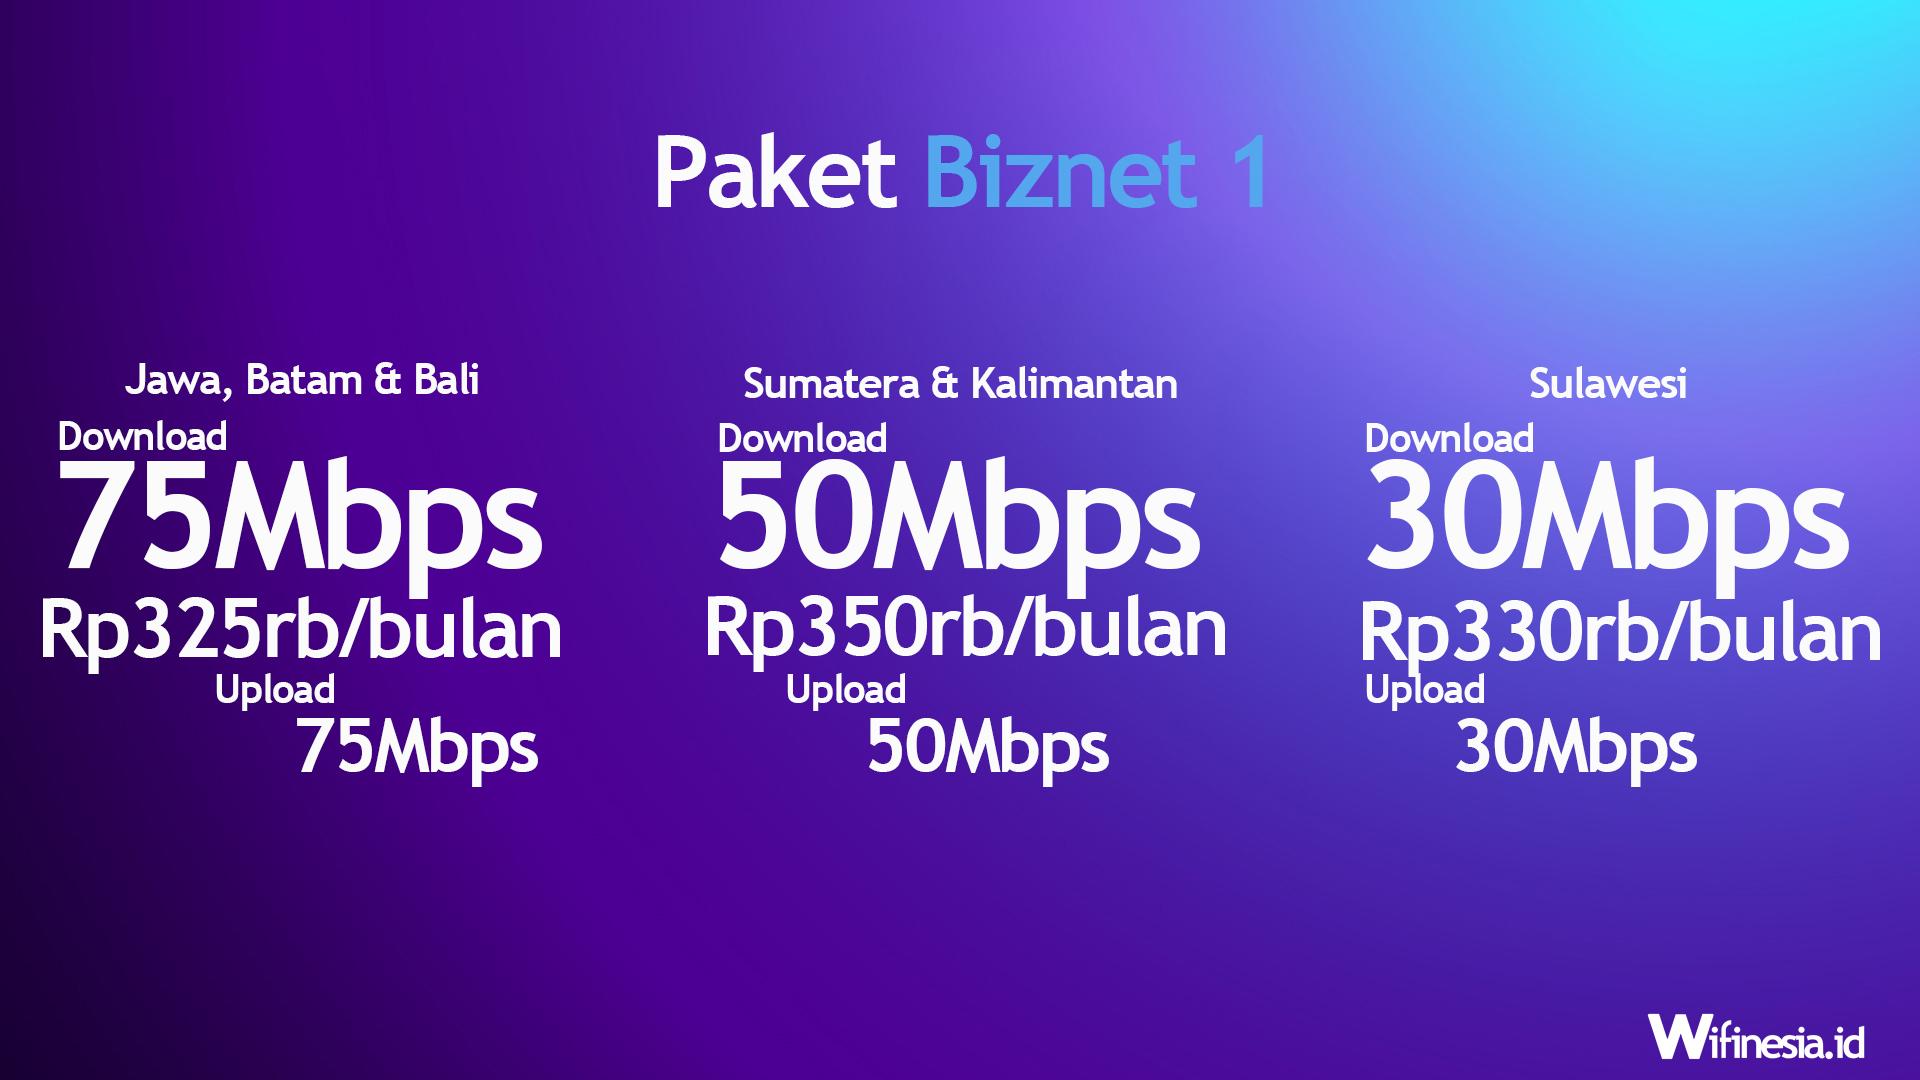 Harga Paket Biznet 1 WiFi Rumah 2020